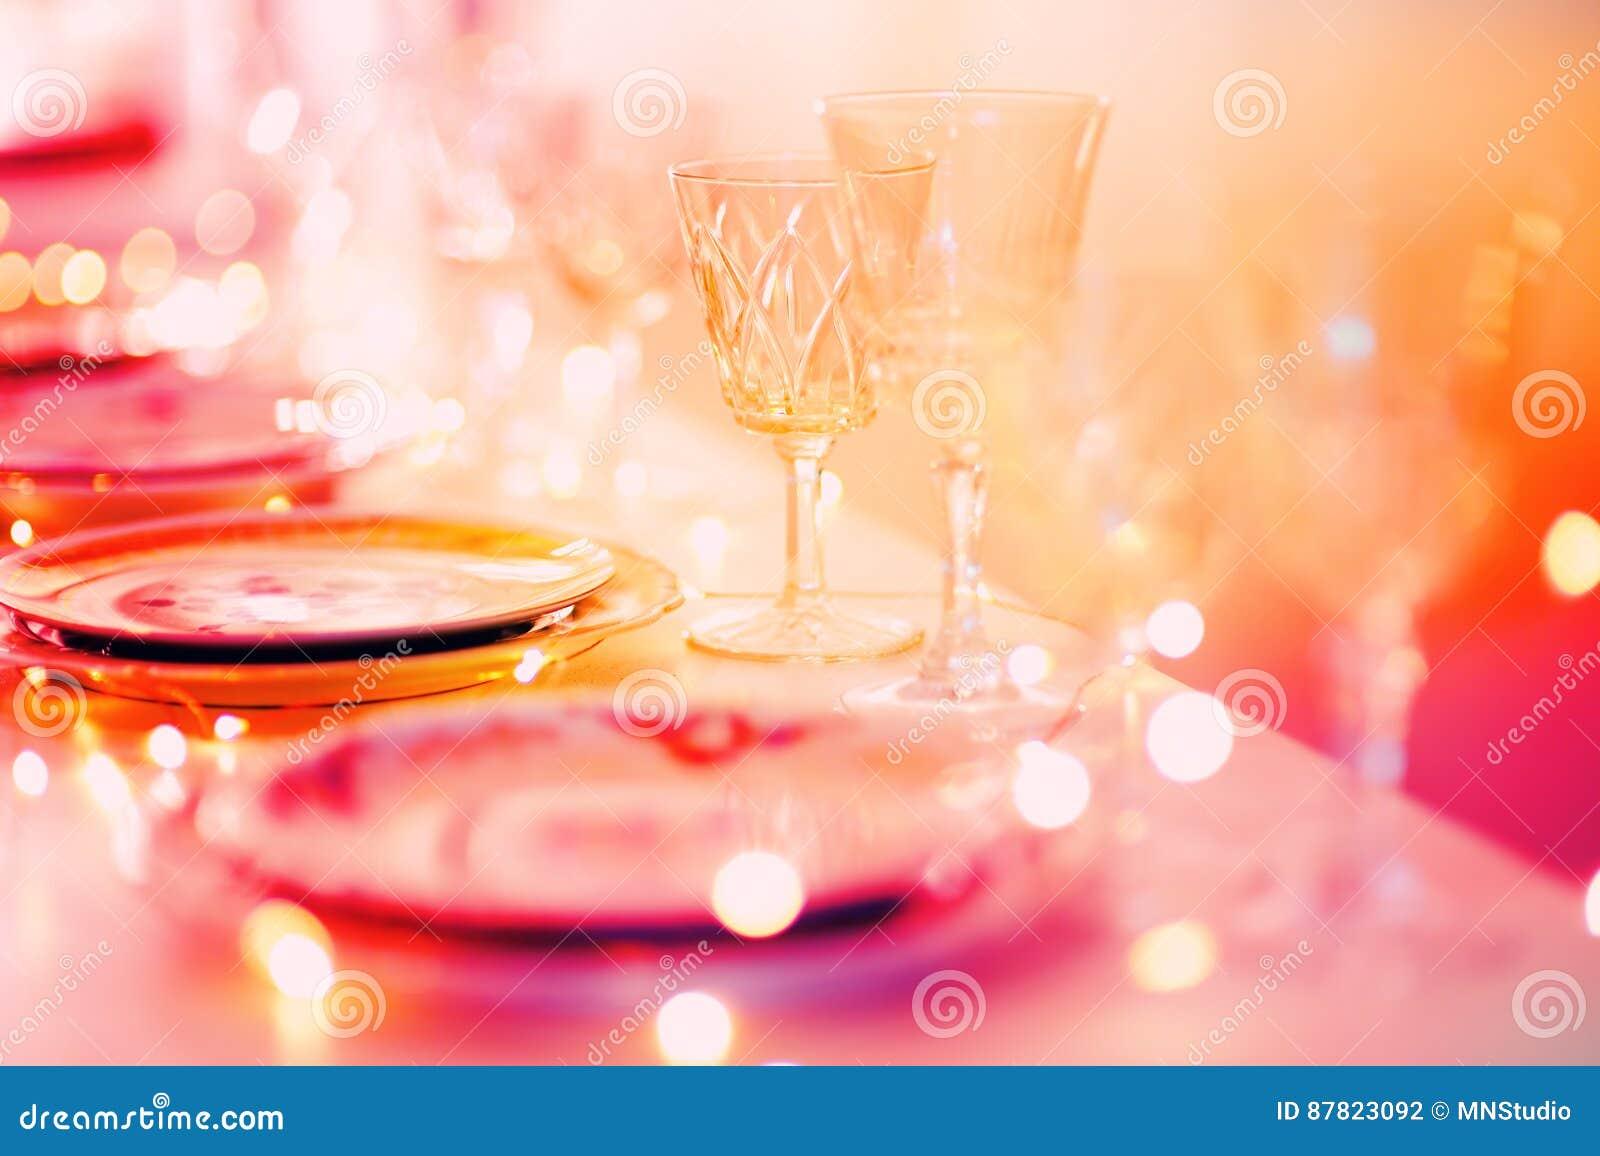 Красивая сервировка стола с посудой для партии, приема по случаю бракосочетания или другого праздничного события